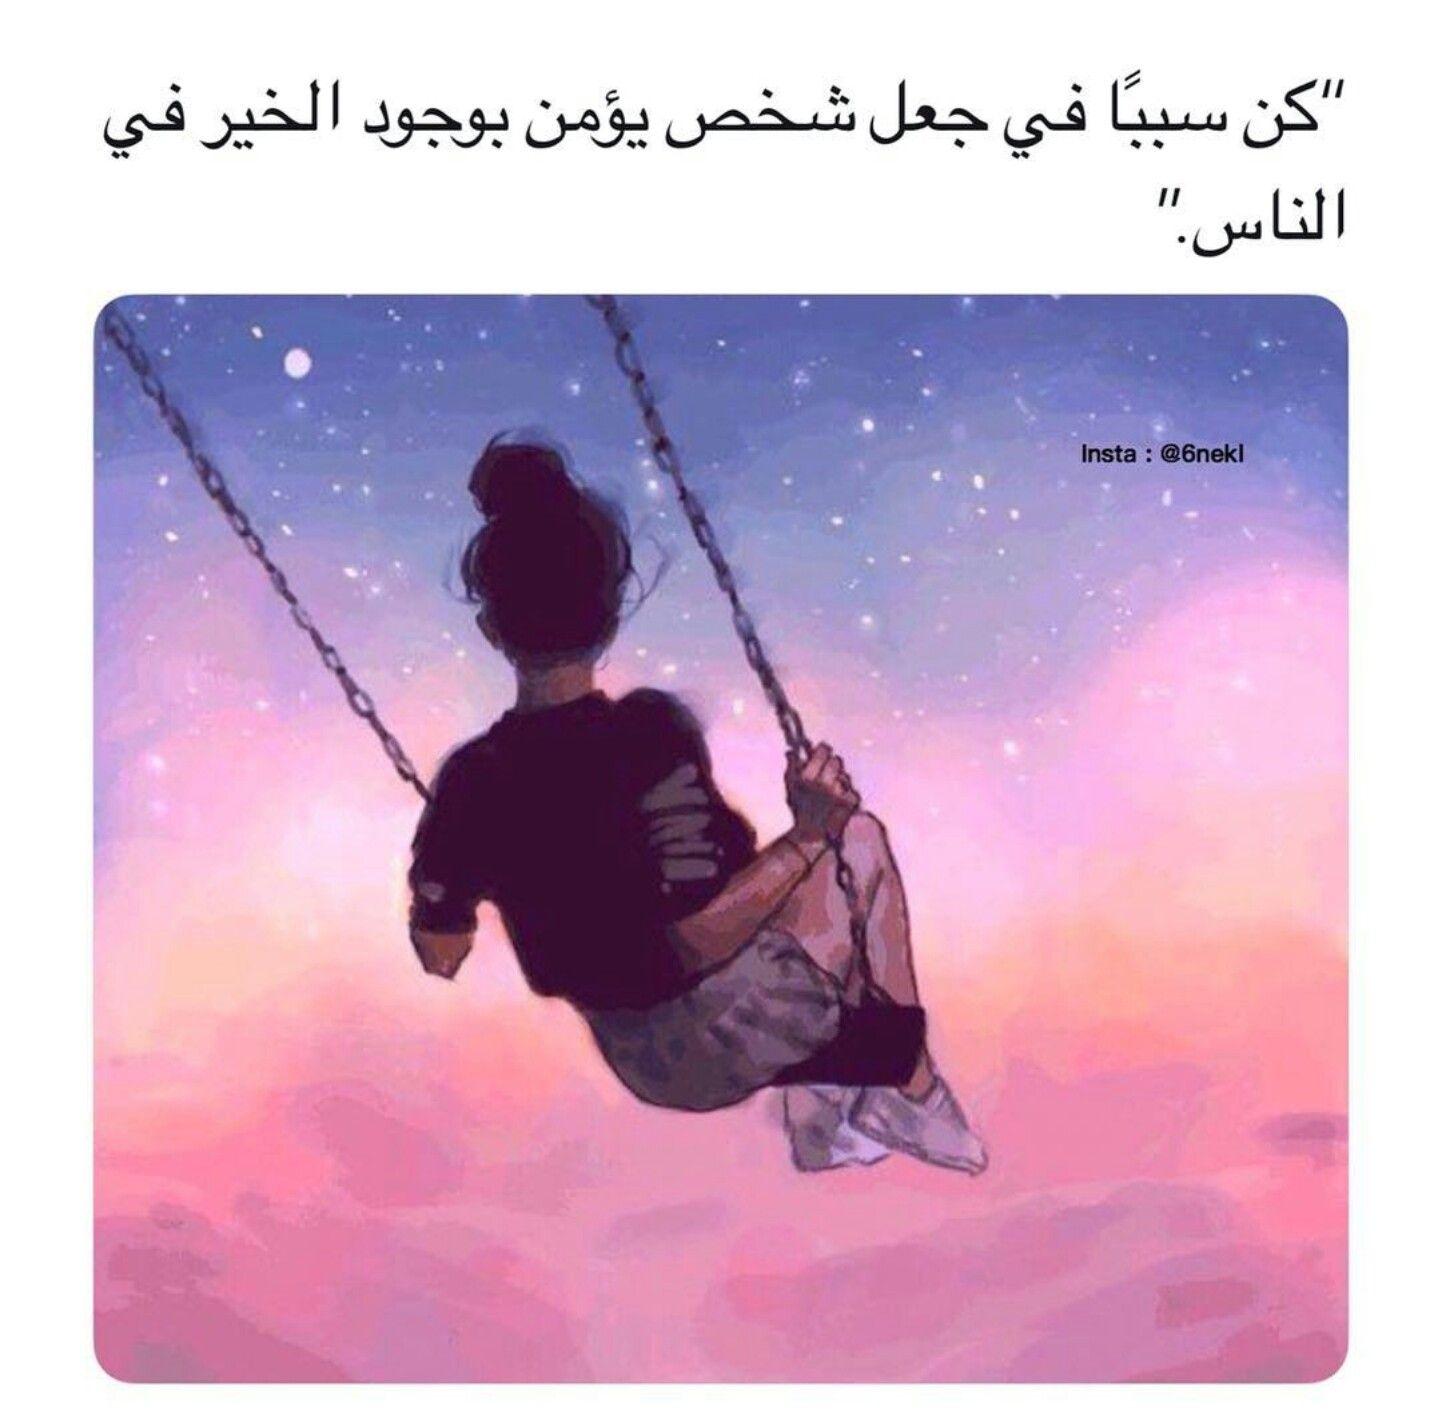 ولااكو اذا اقرب ناس تحسه نفسك يغلط ويشتم بيك شتحص خير بعد Arabic Quotes Funny Arabic Quotes Arabic Love Quotes